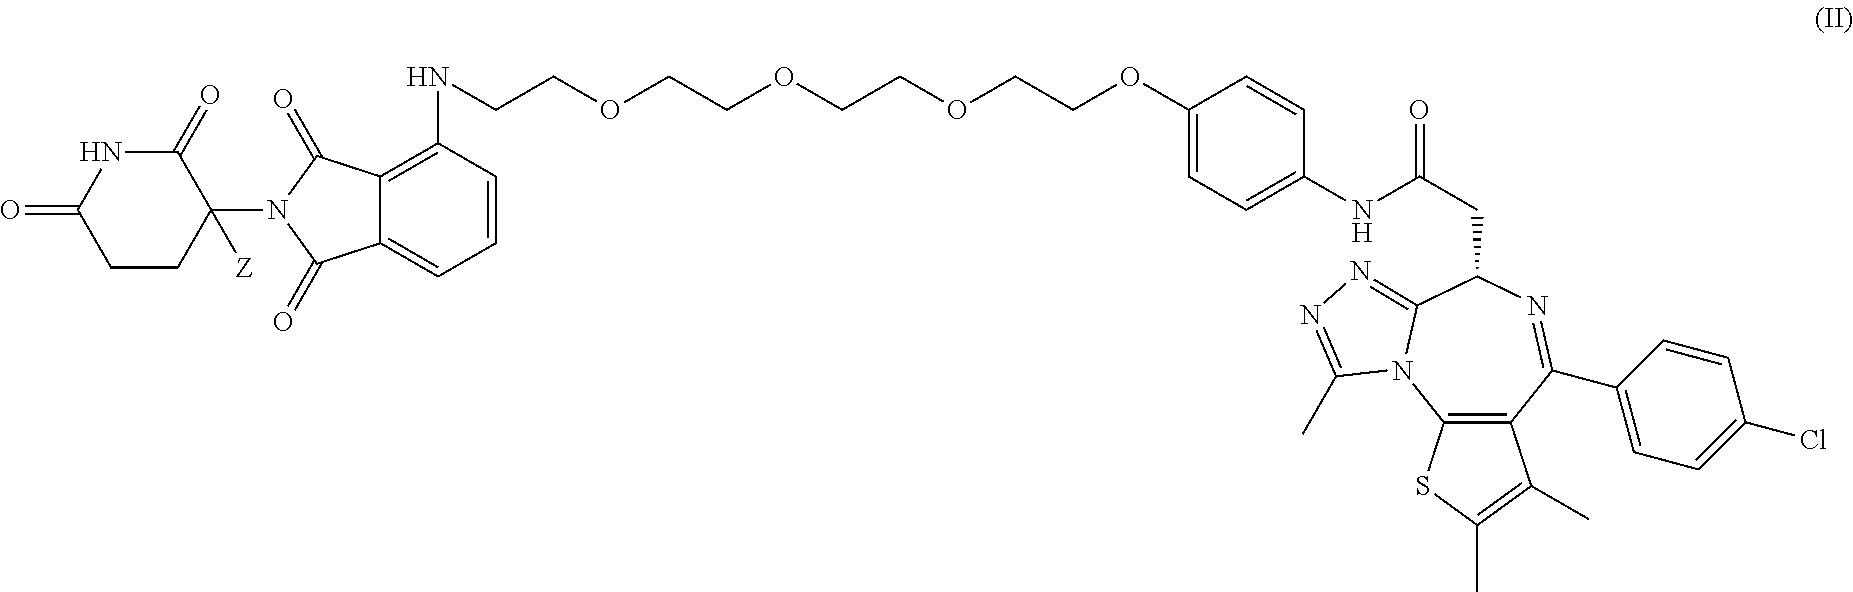 Figure US09809603-20171107-C00003